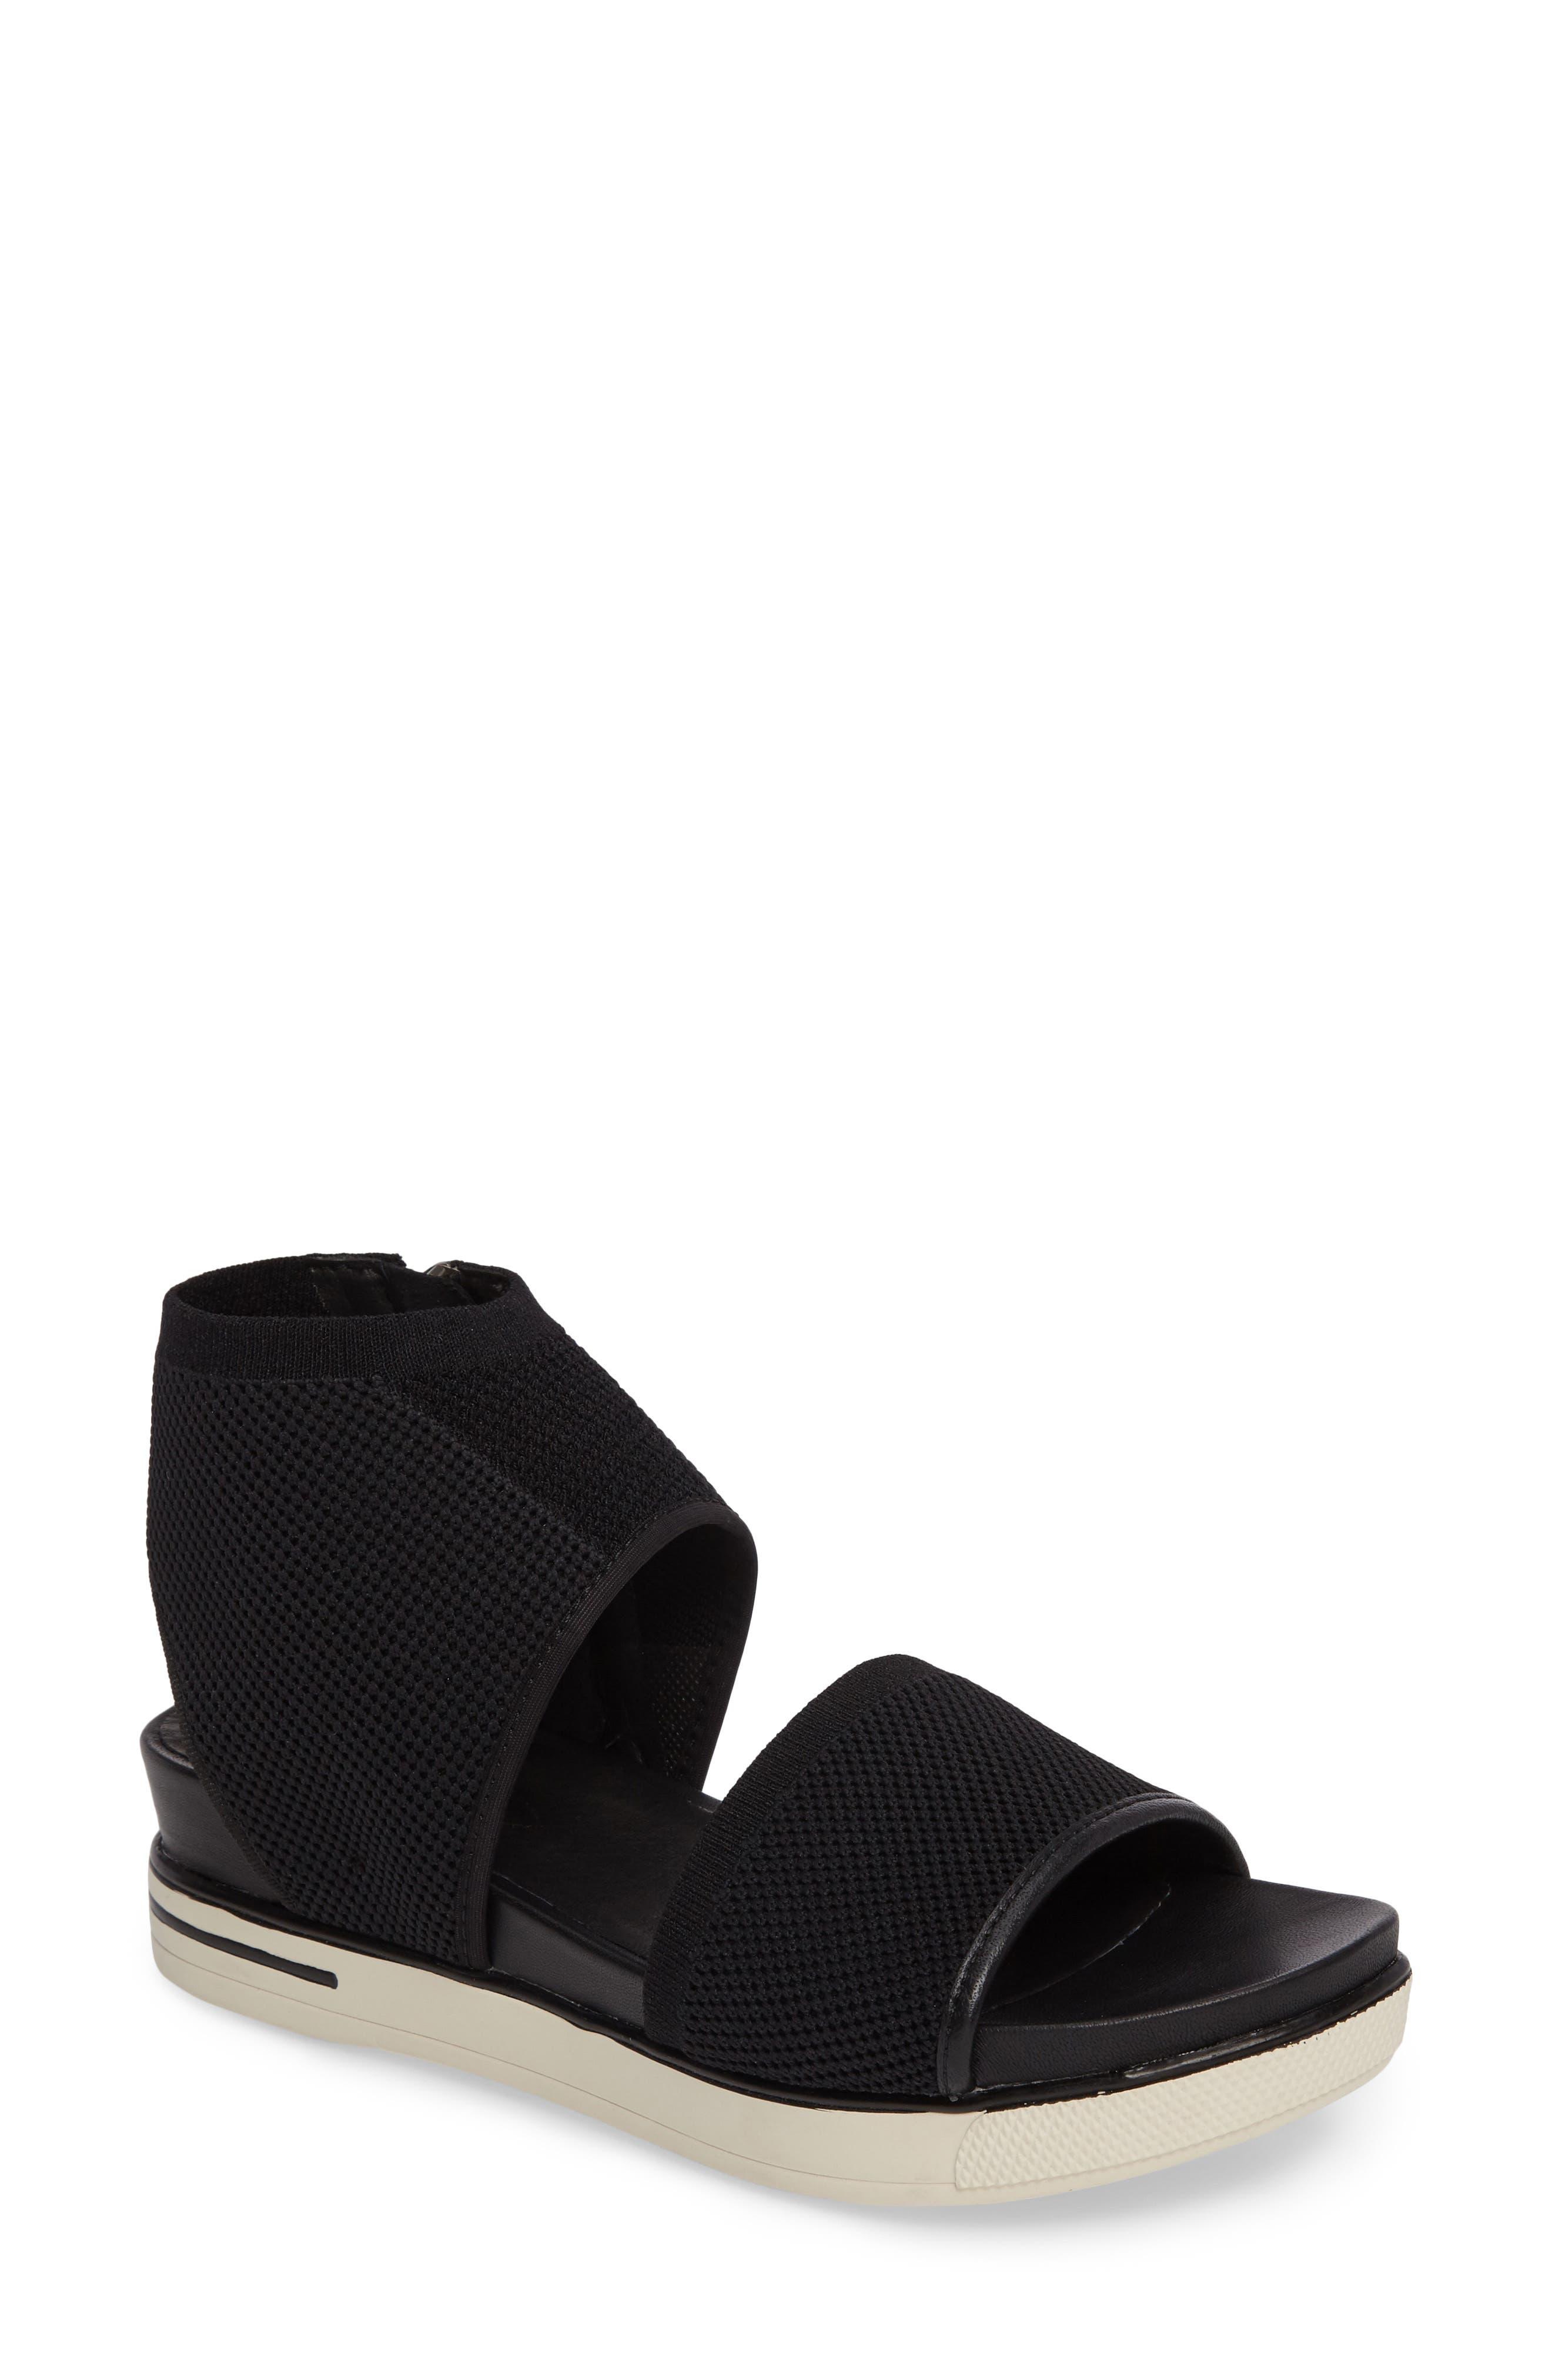 Knit Sport Sandal,                             Main thumbnail 1, color,                             Black Fabric